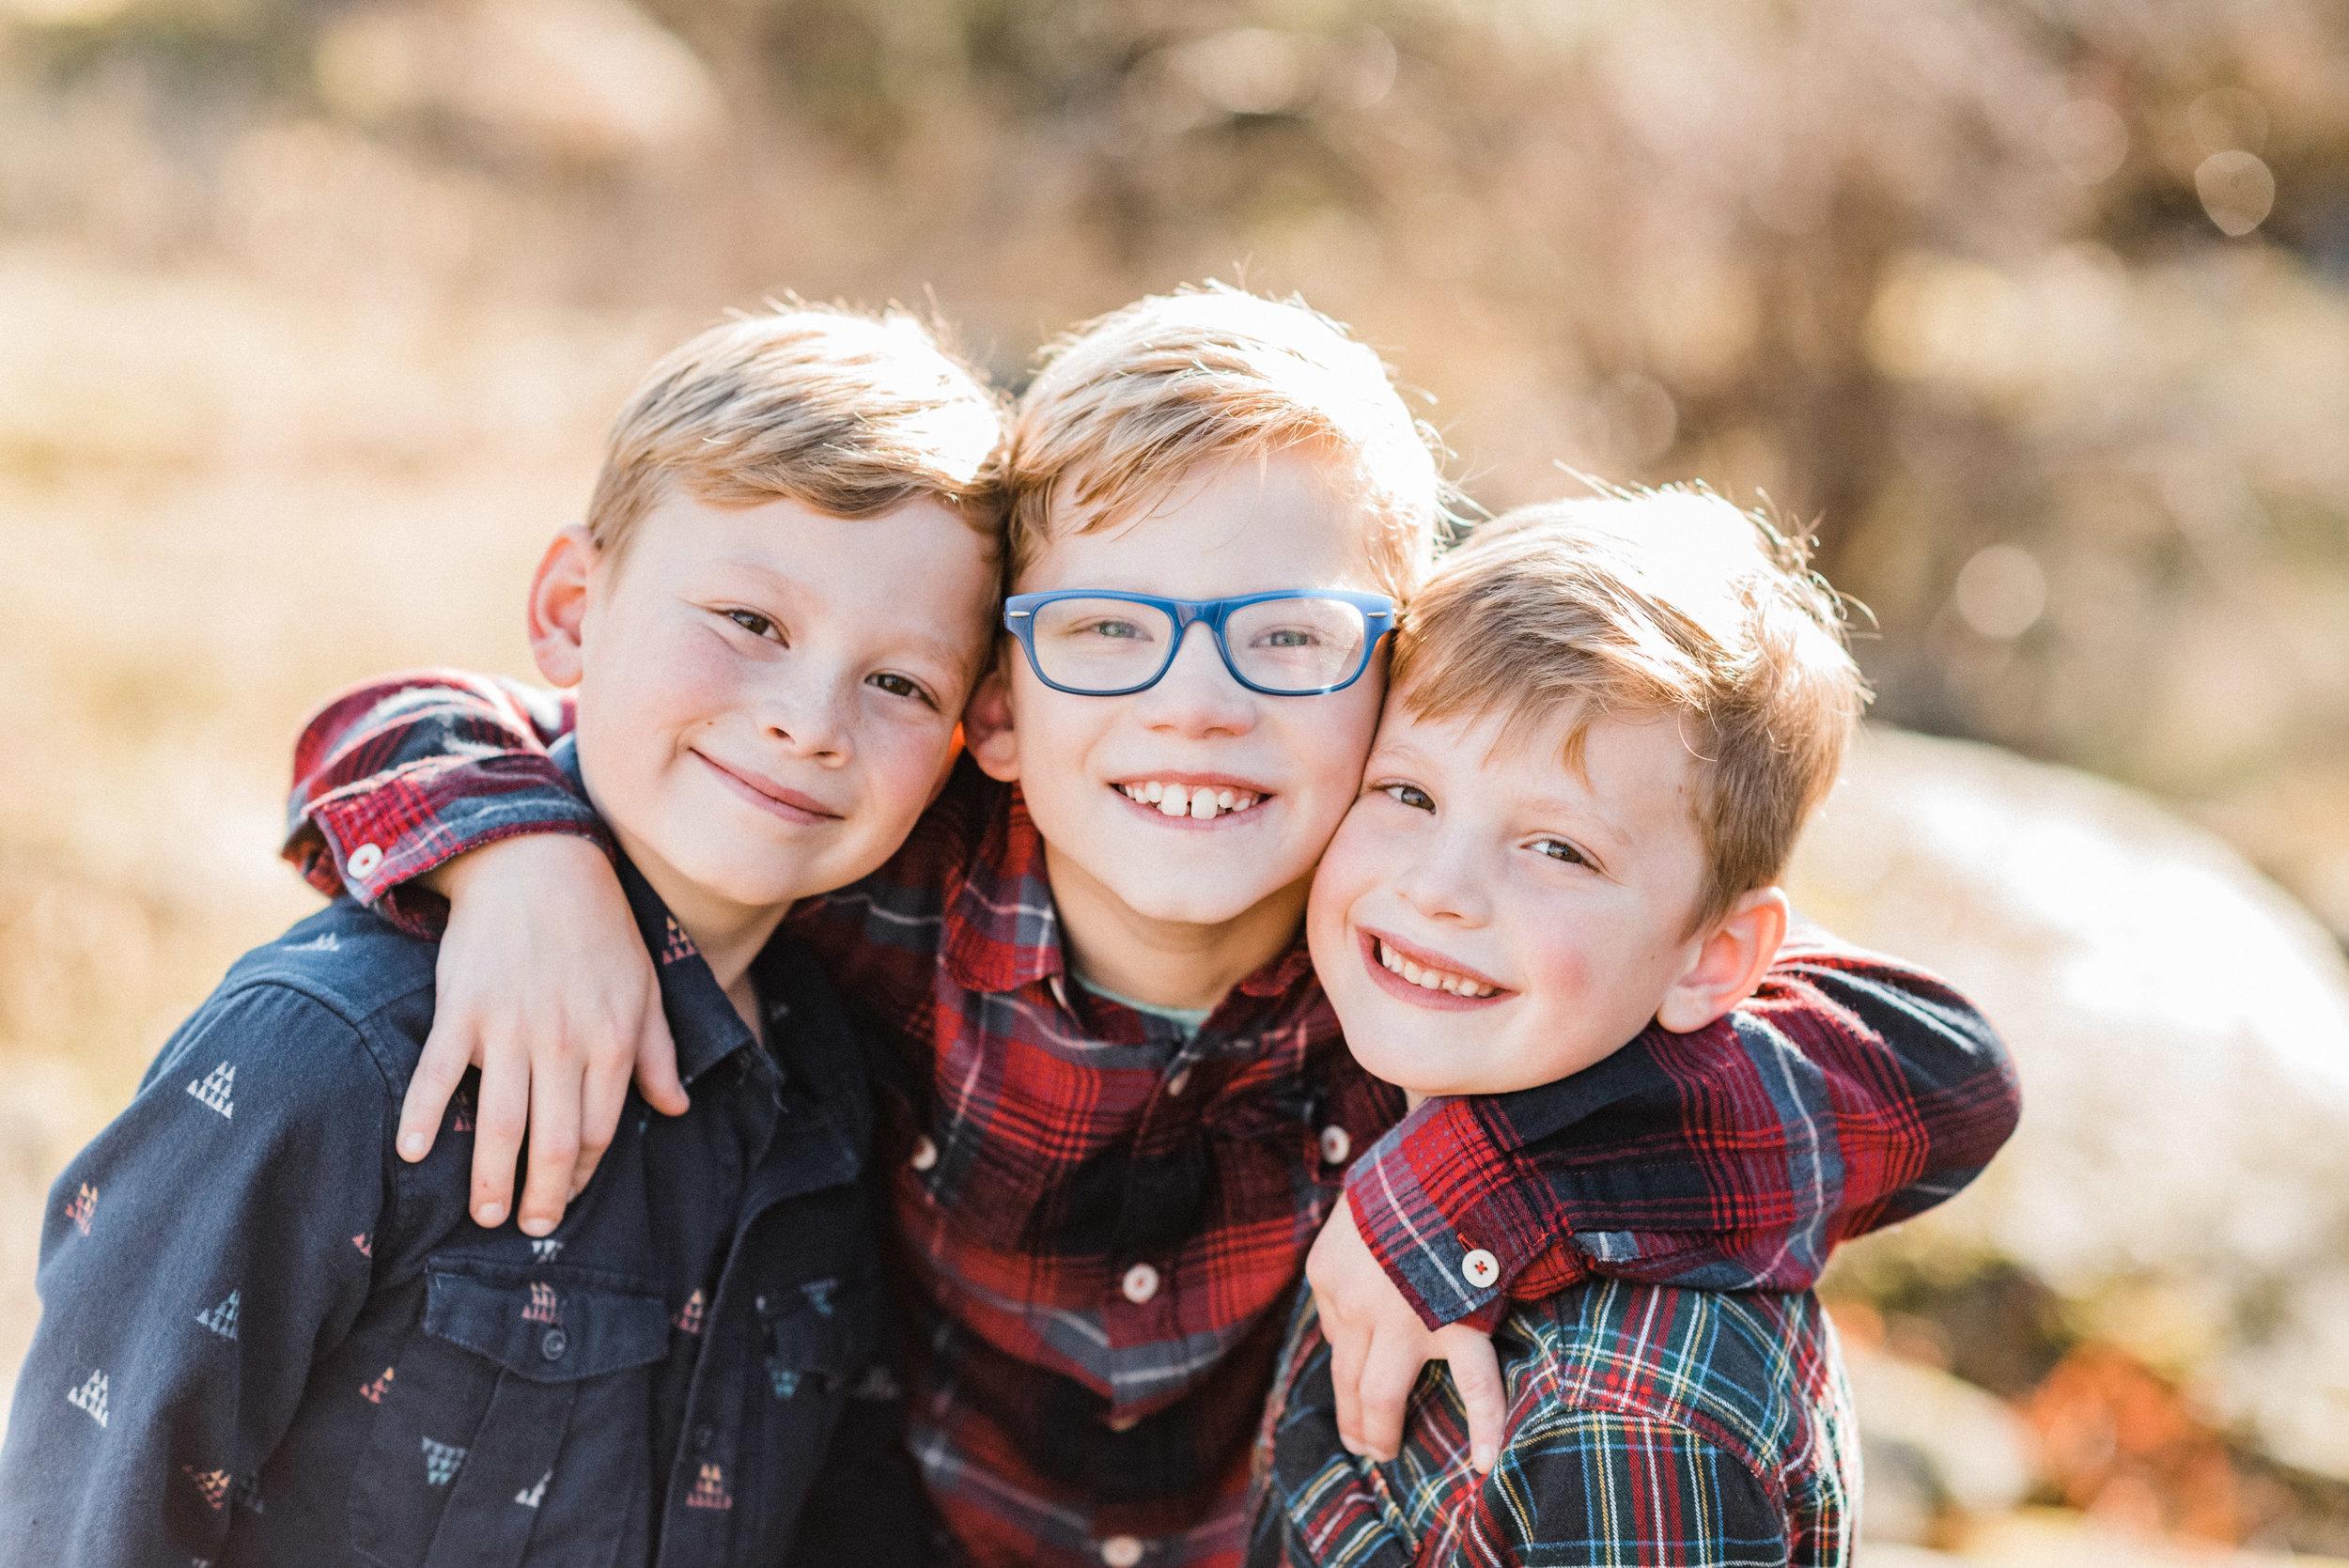 spokane_family_photographer_longmeier (3 of 19).jpg